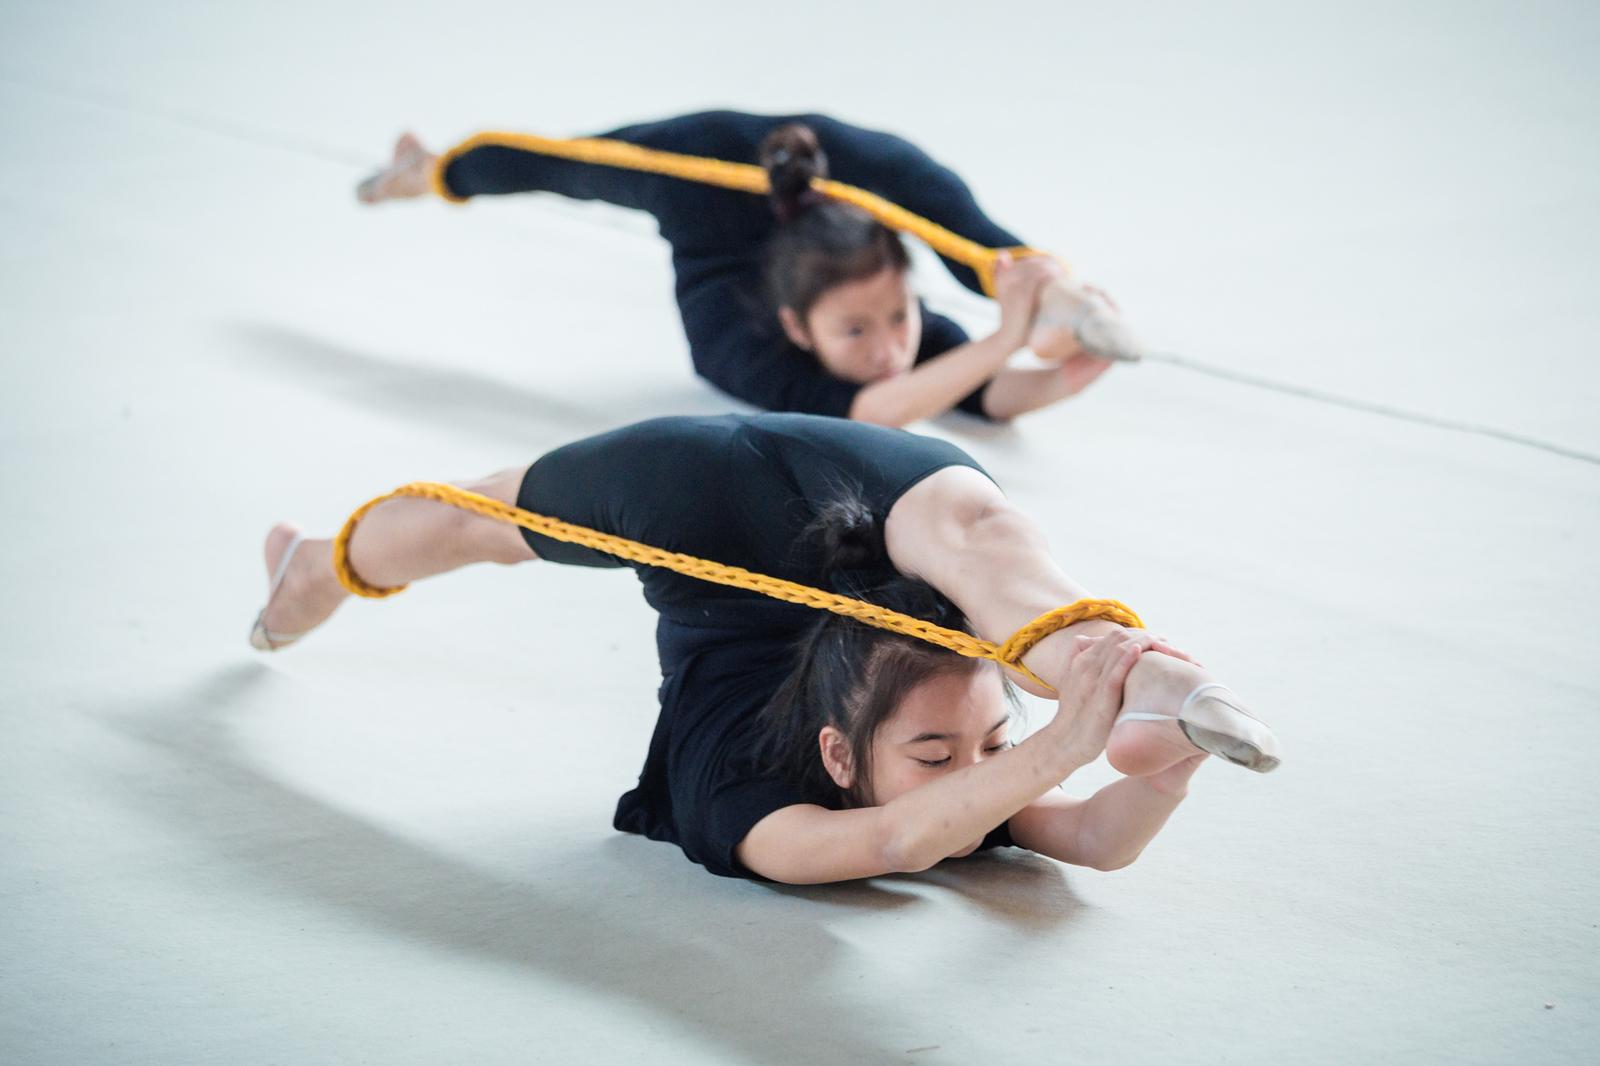 Một buổi tập của đội tuyển nữ thể dục nghệ thuật Hà Nội